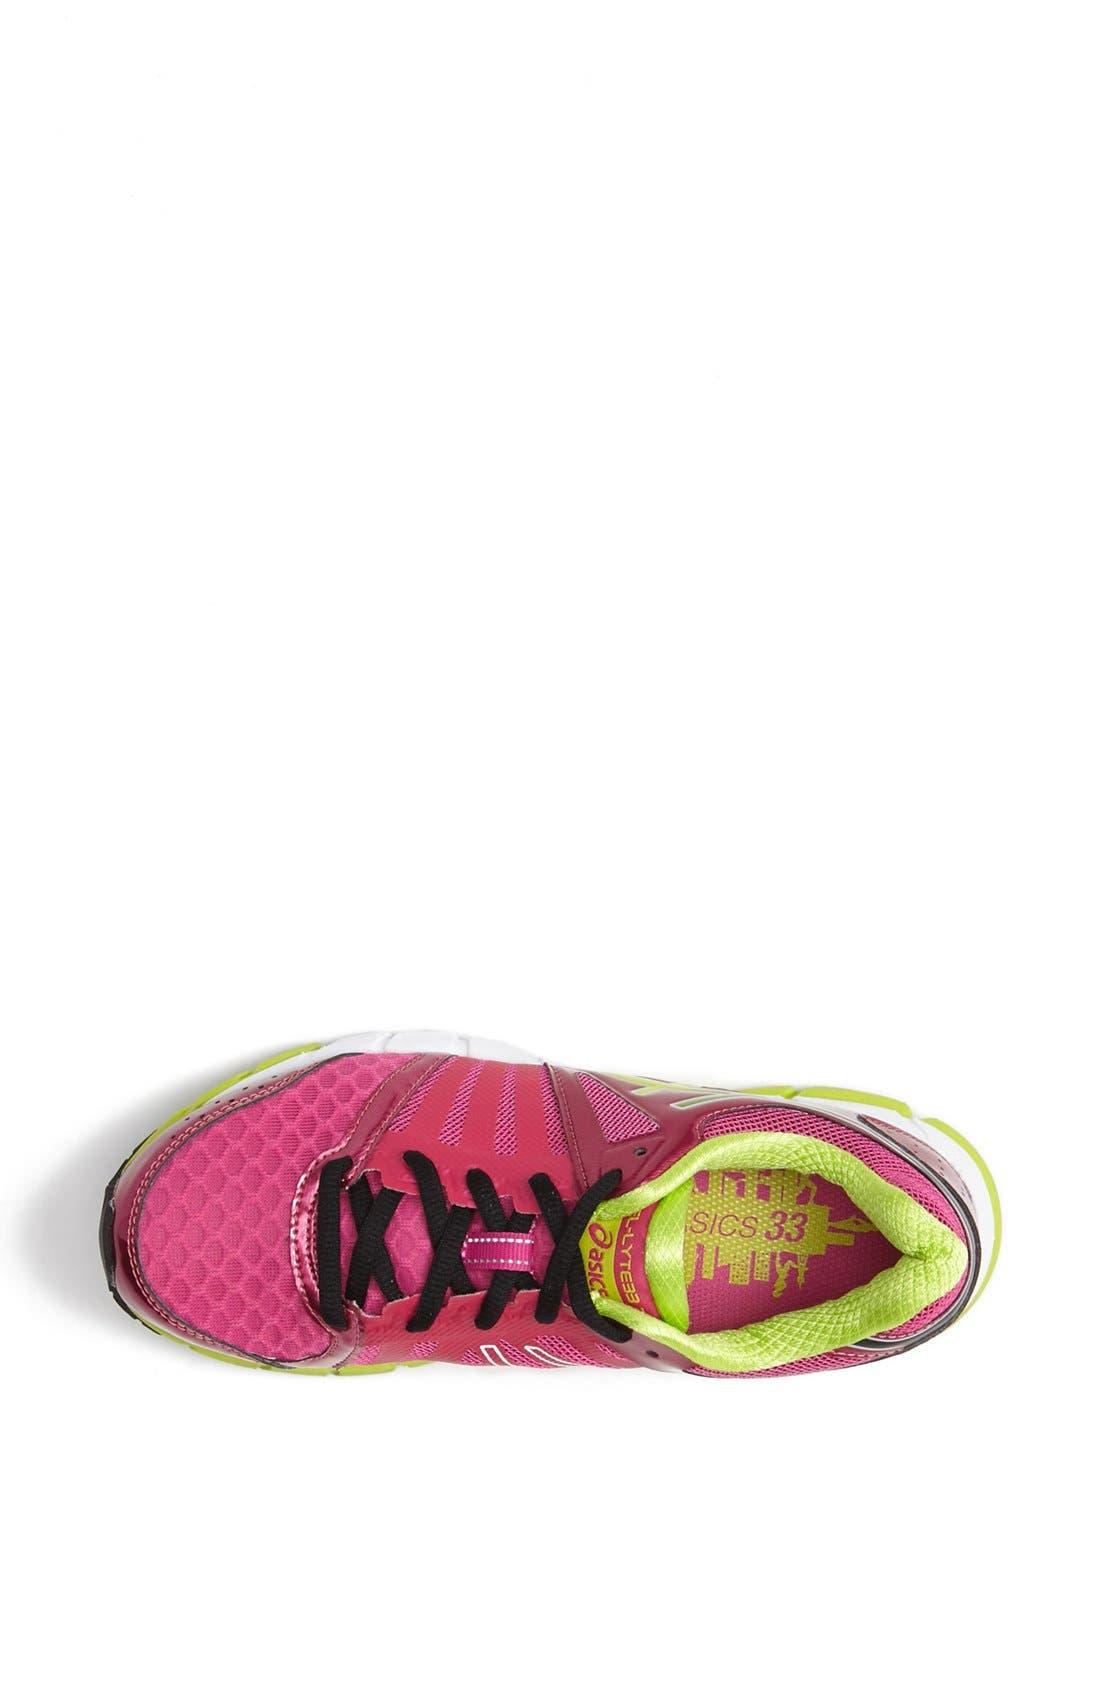 Alternate Image 3  - ASICS® 'GEL-LYTE33™ 2' Running Shoe (Women)(Regular Retail Price: $84.95)